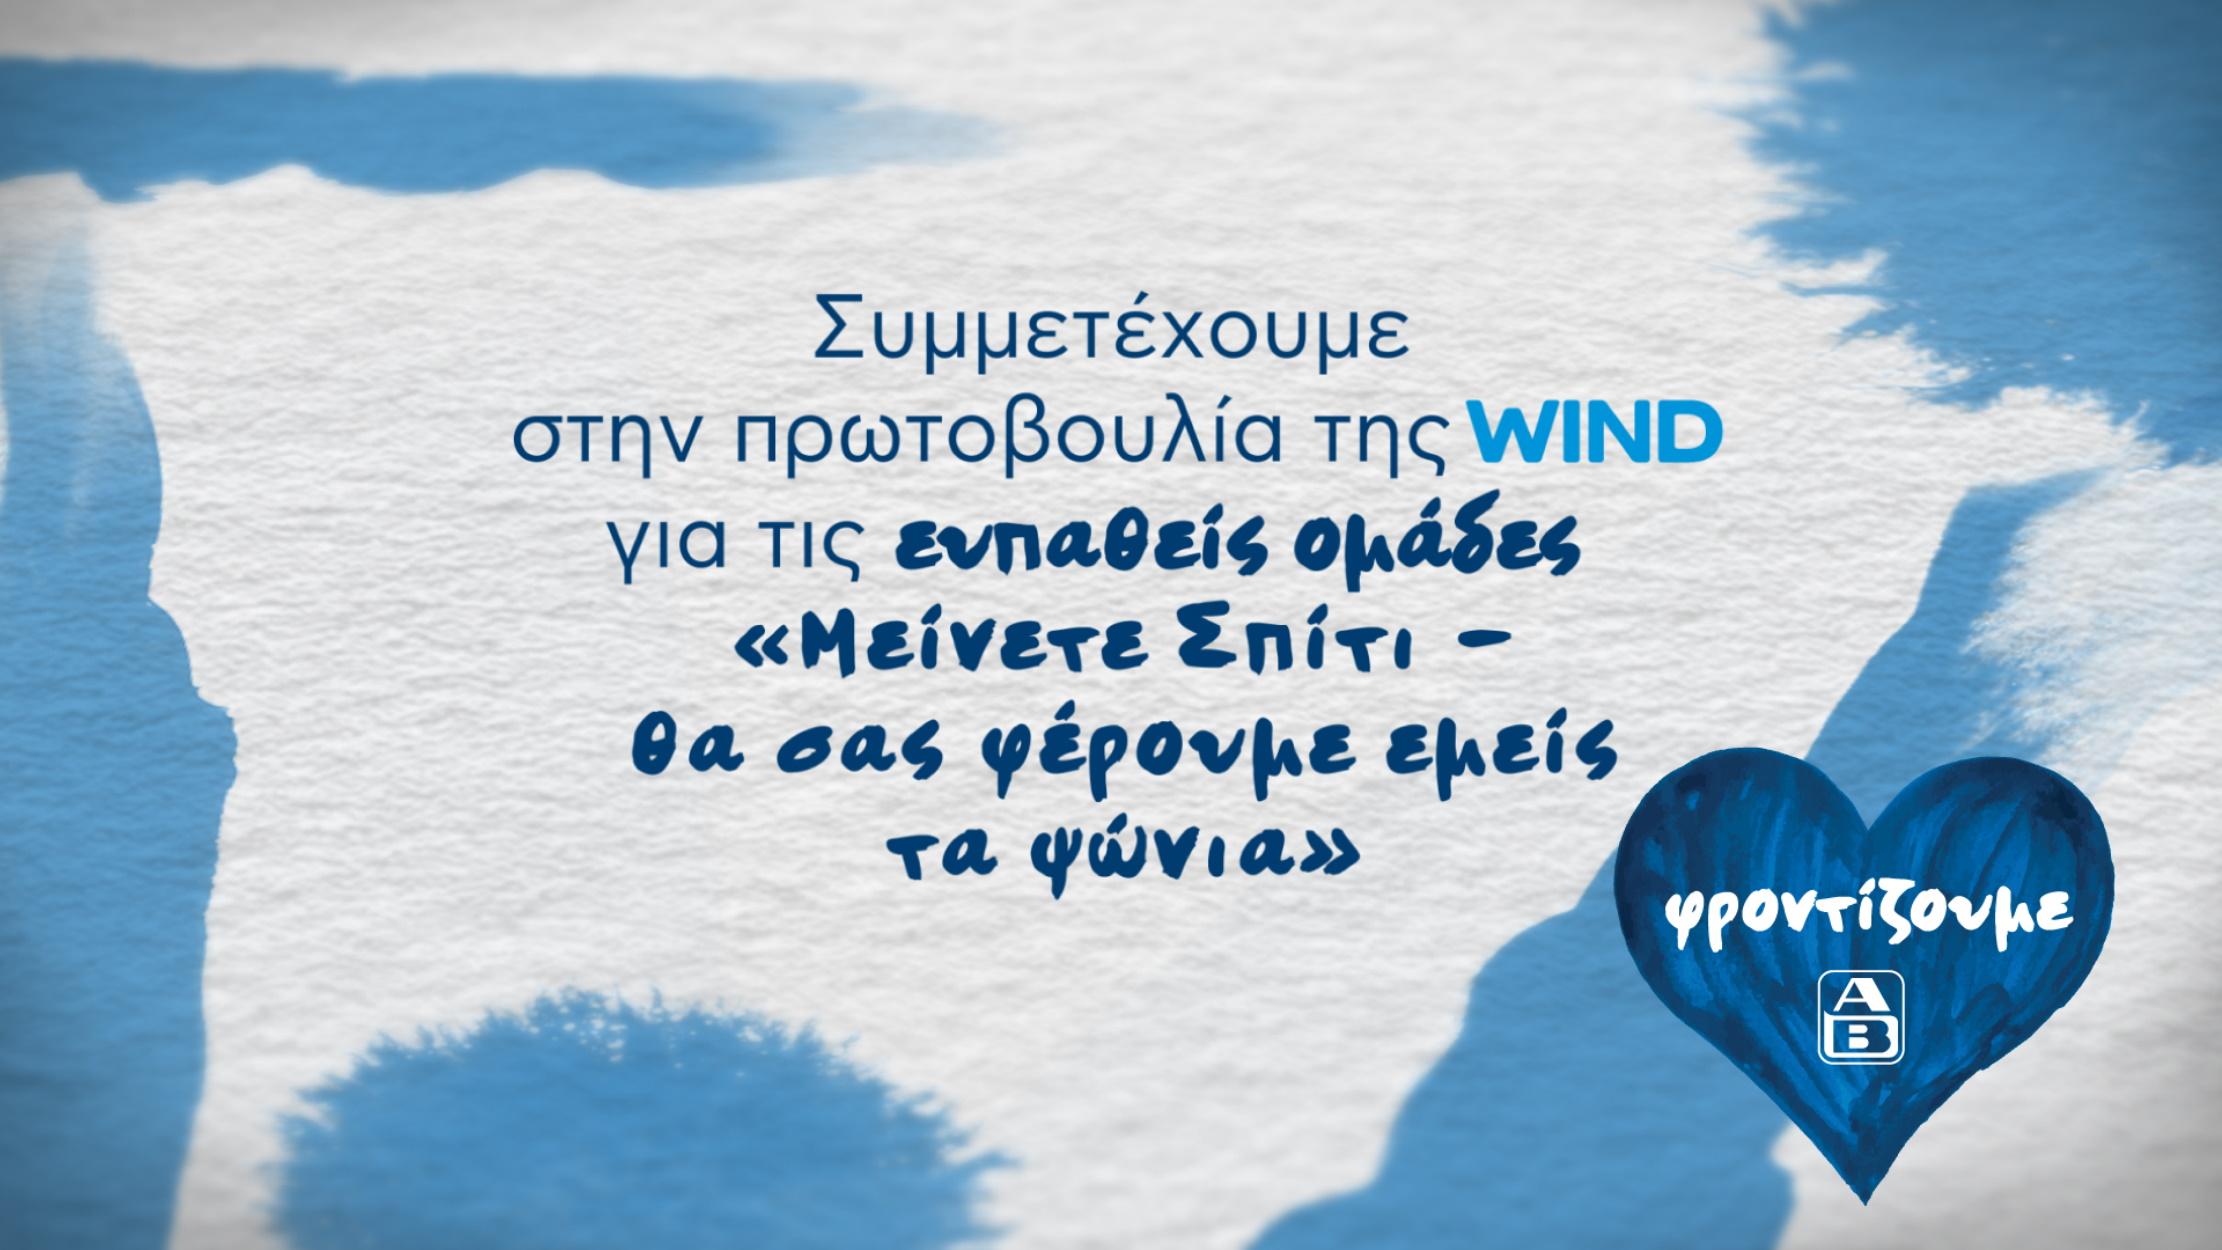 Συμμετέχουμε στην πρωτοβουλία της WIND «Μείνετε Σπίτι – Θα σας φέρουμε εμείς τα ψώνια», με φροντίδα για τις ευπαθείς ομάδες